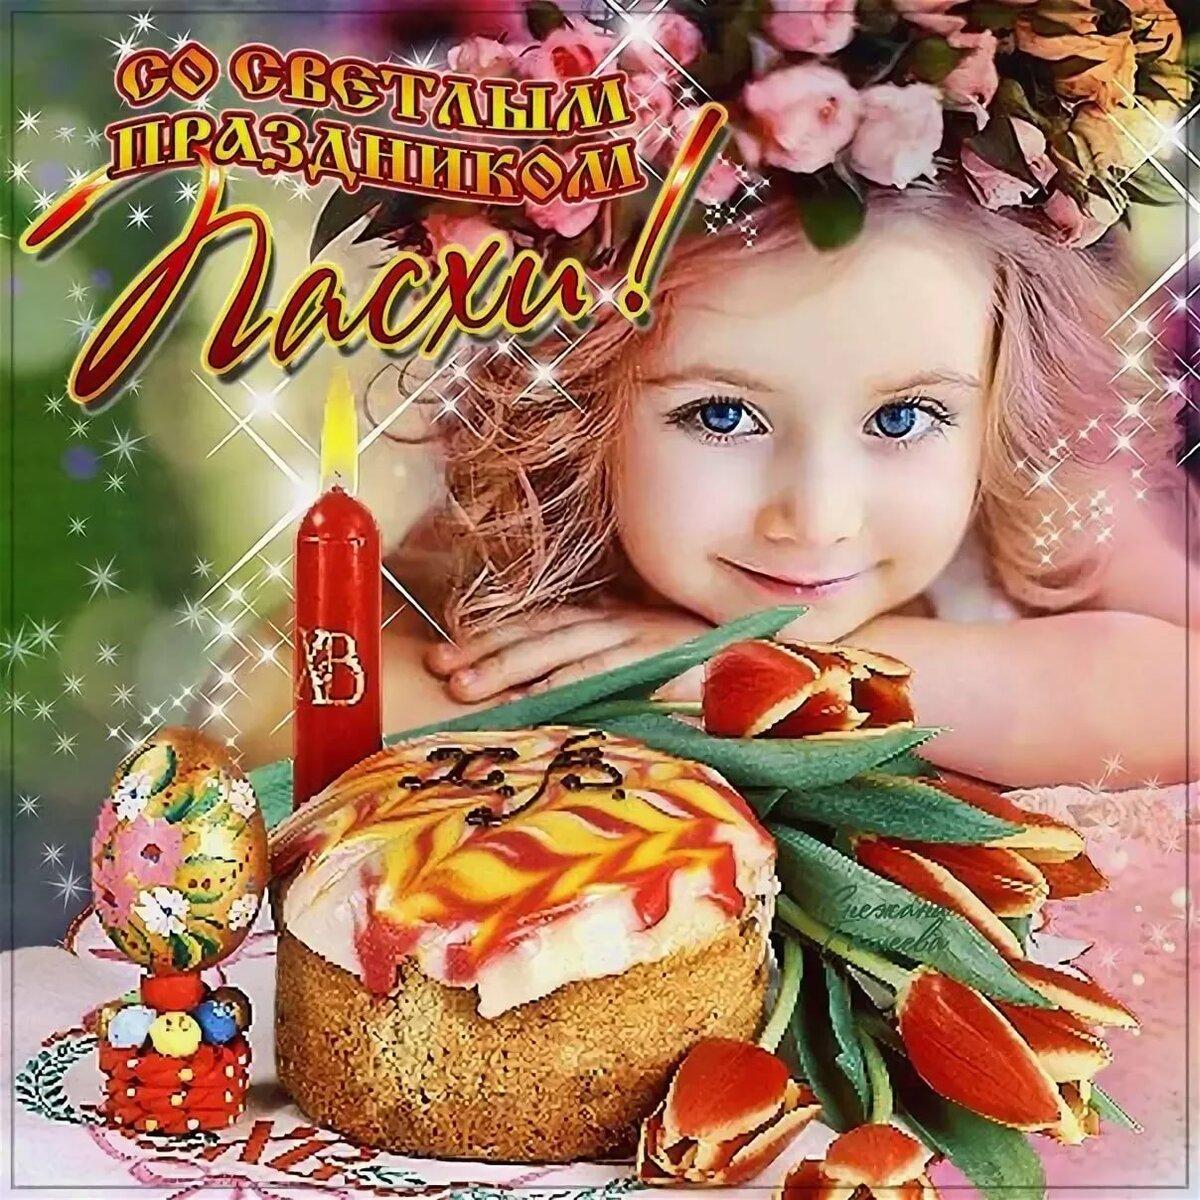 Картинки для вацапа пасха, днем рождения